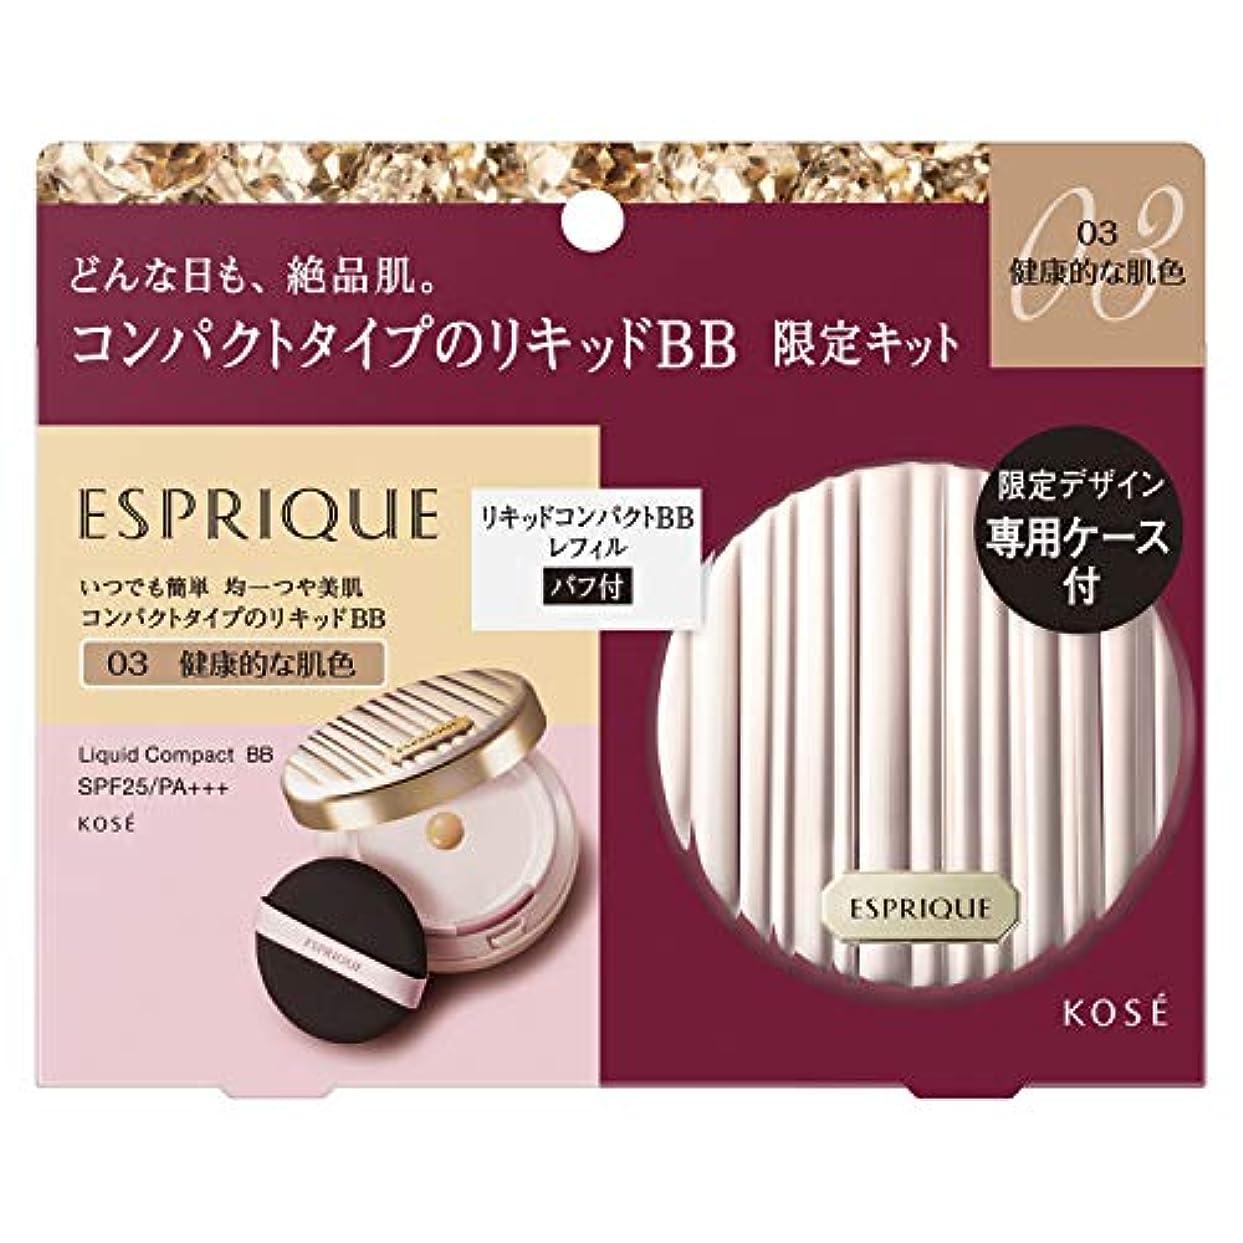 空白ホスト活気づくESPRIQUE(エスプリーク) エスプリーク リキッド コンパクト BB 限定キット 2 BBクリーム 03 健康的な肌色 セット 13g+ケース付き